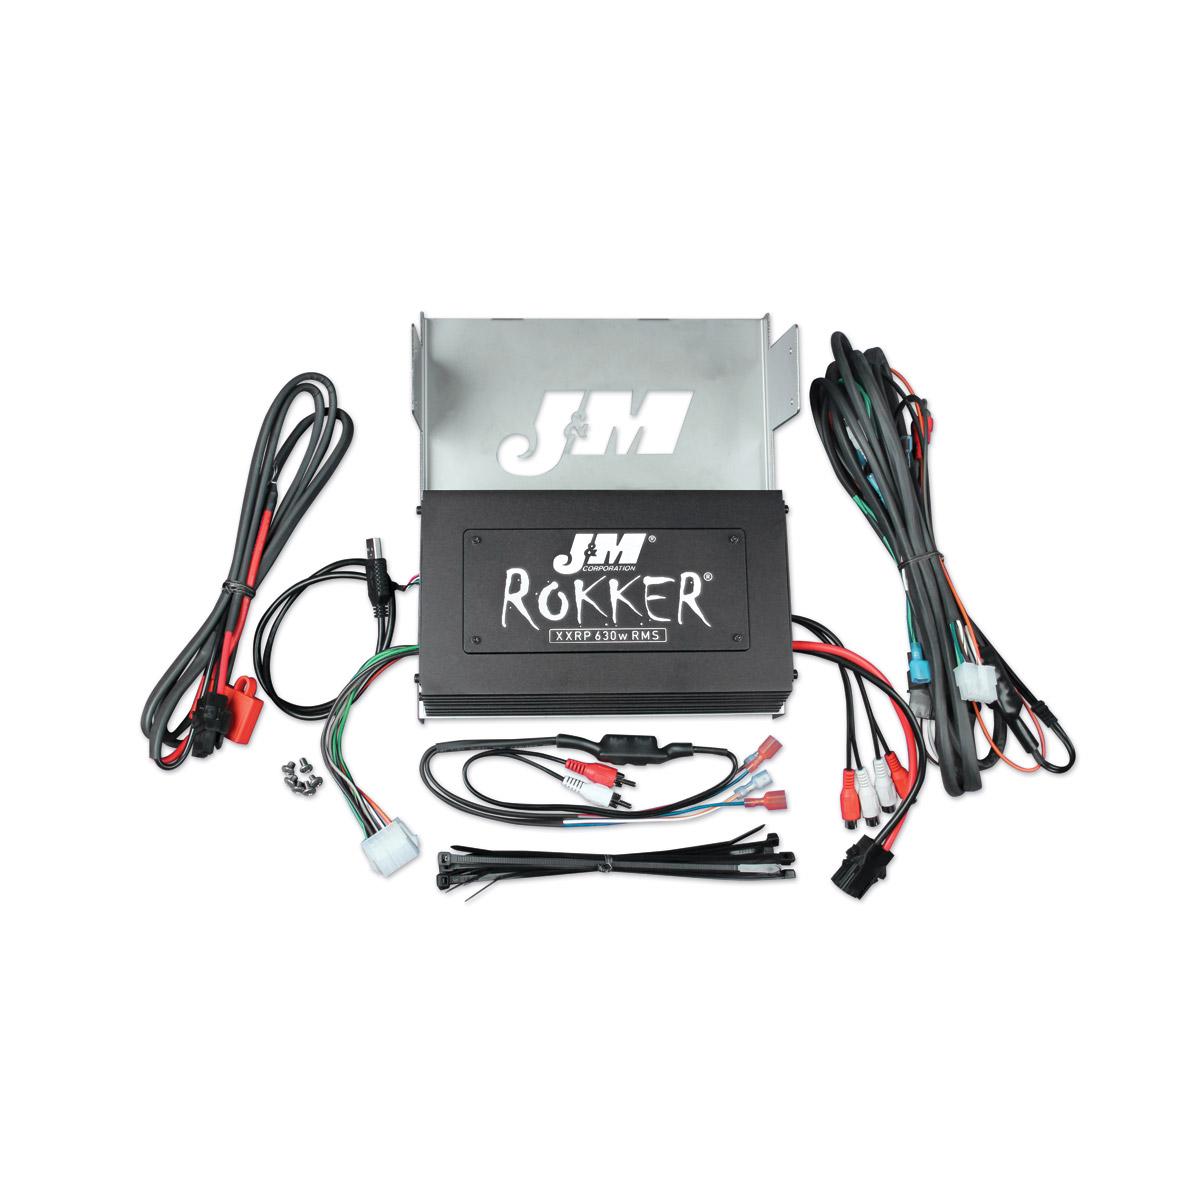 J&M ROKKER XXRP 630w 4-CH DSP Amplifier Kit